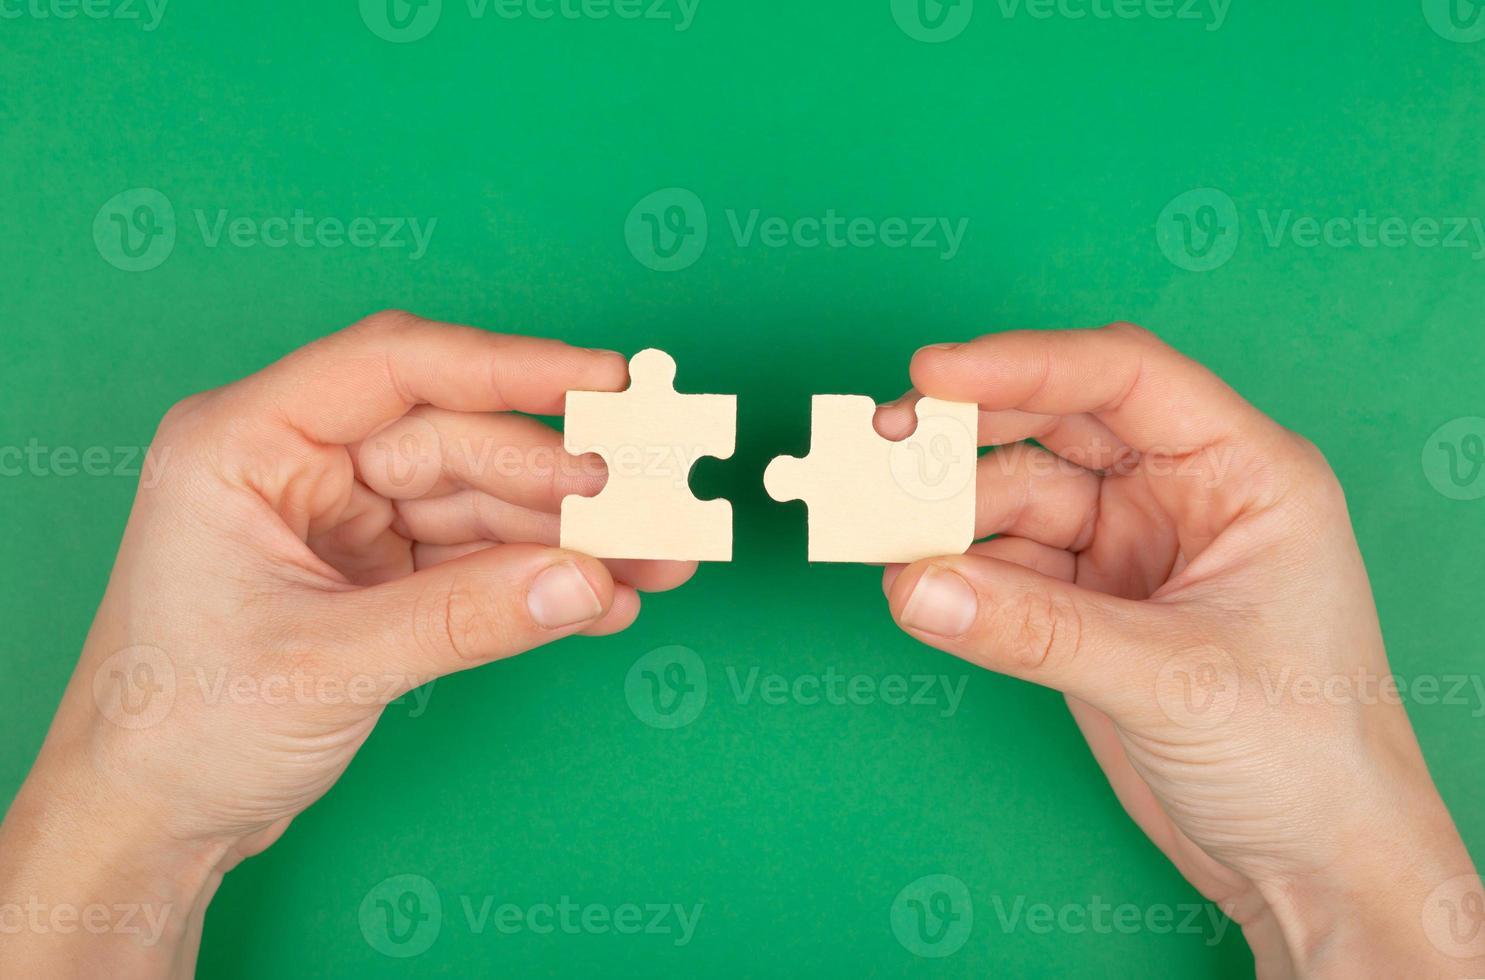 Pièces de puzzle en mains sur fond vert photo